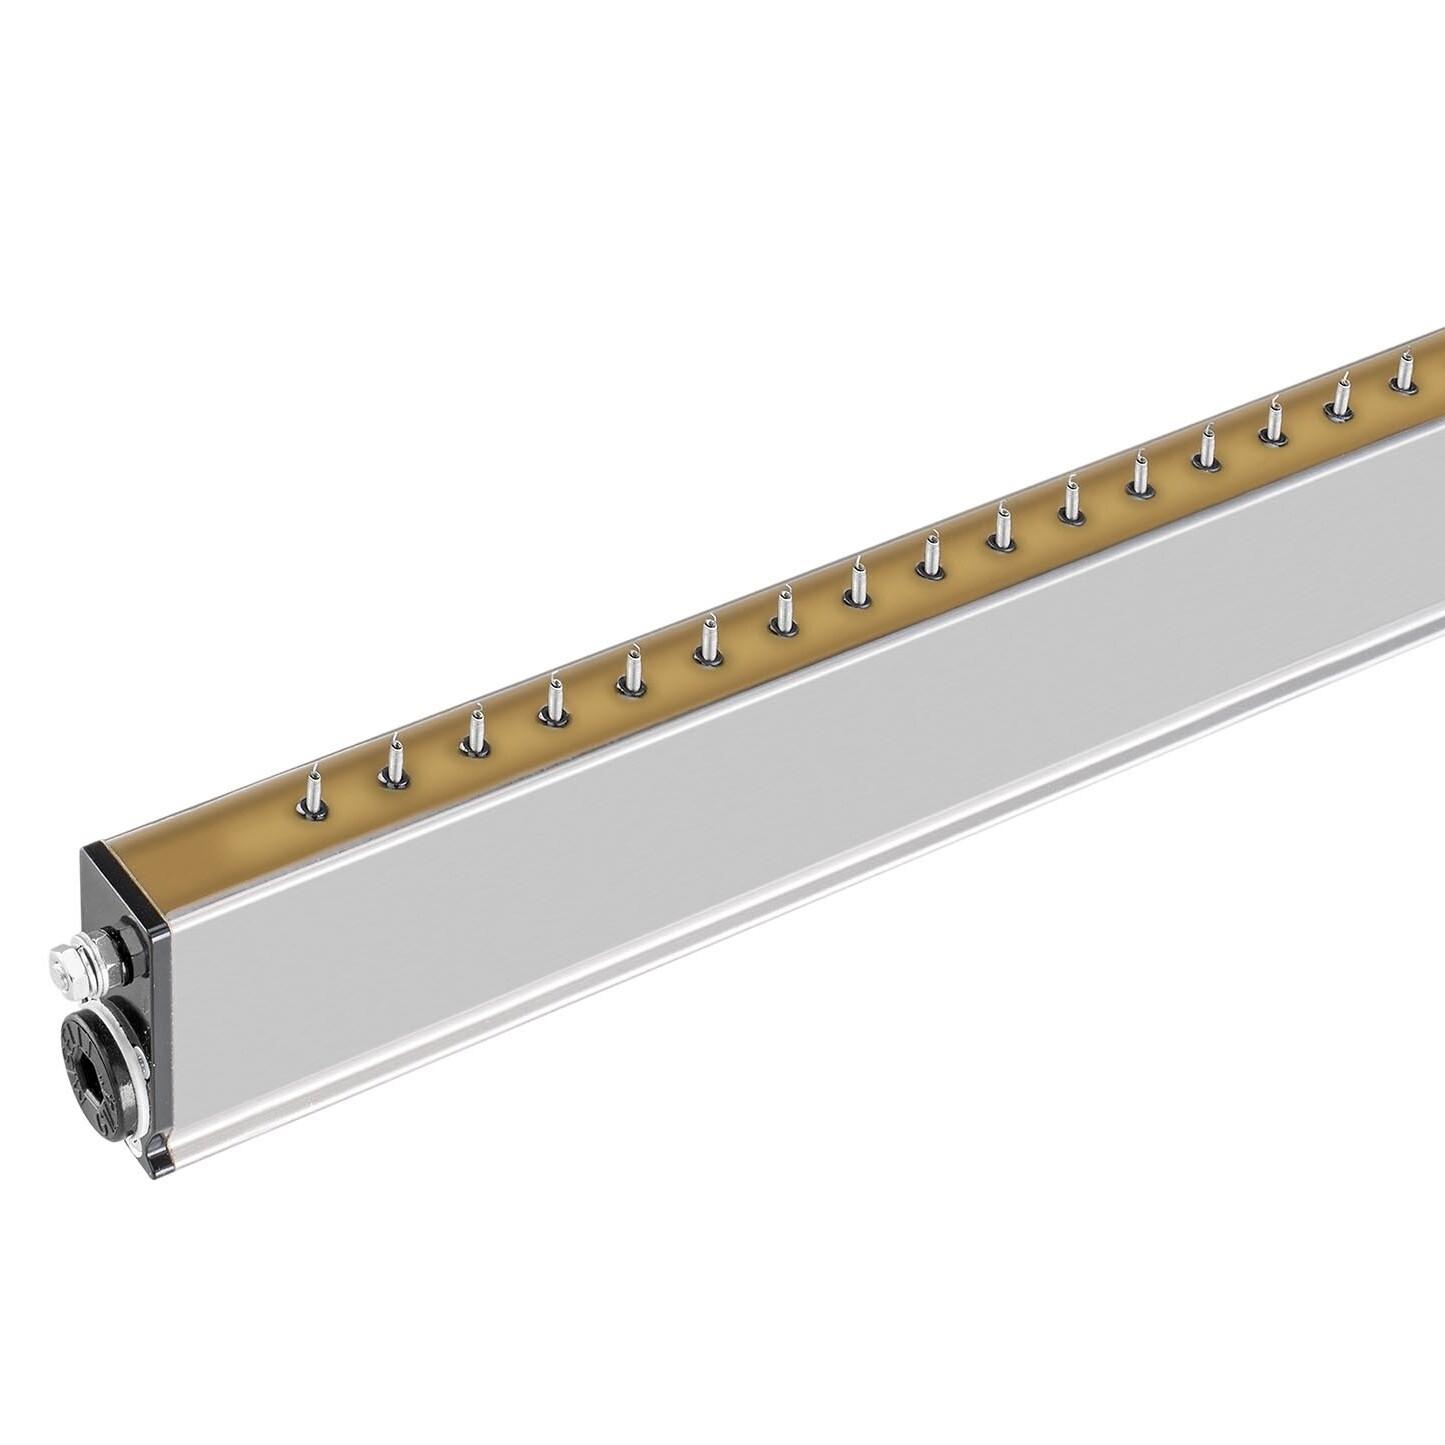 瑞典伊特ELTEX缝纫断线传感器UPG-S系列